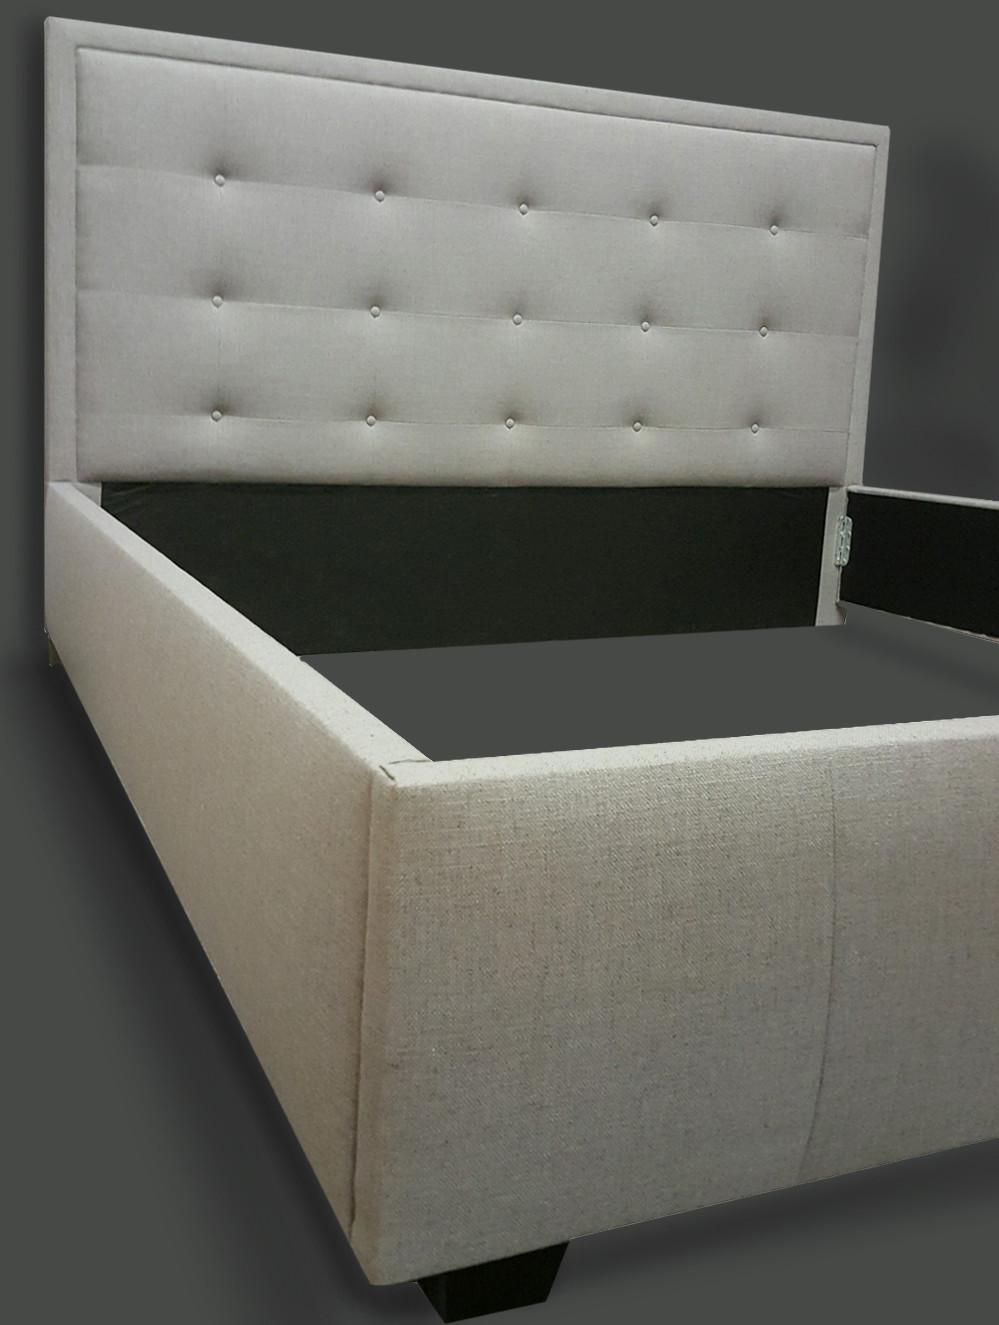 Adjustable Mattress Foundation Bed Frame